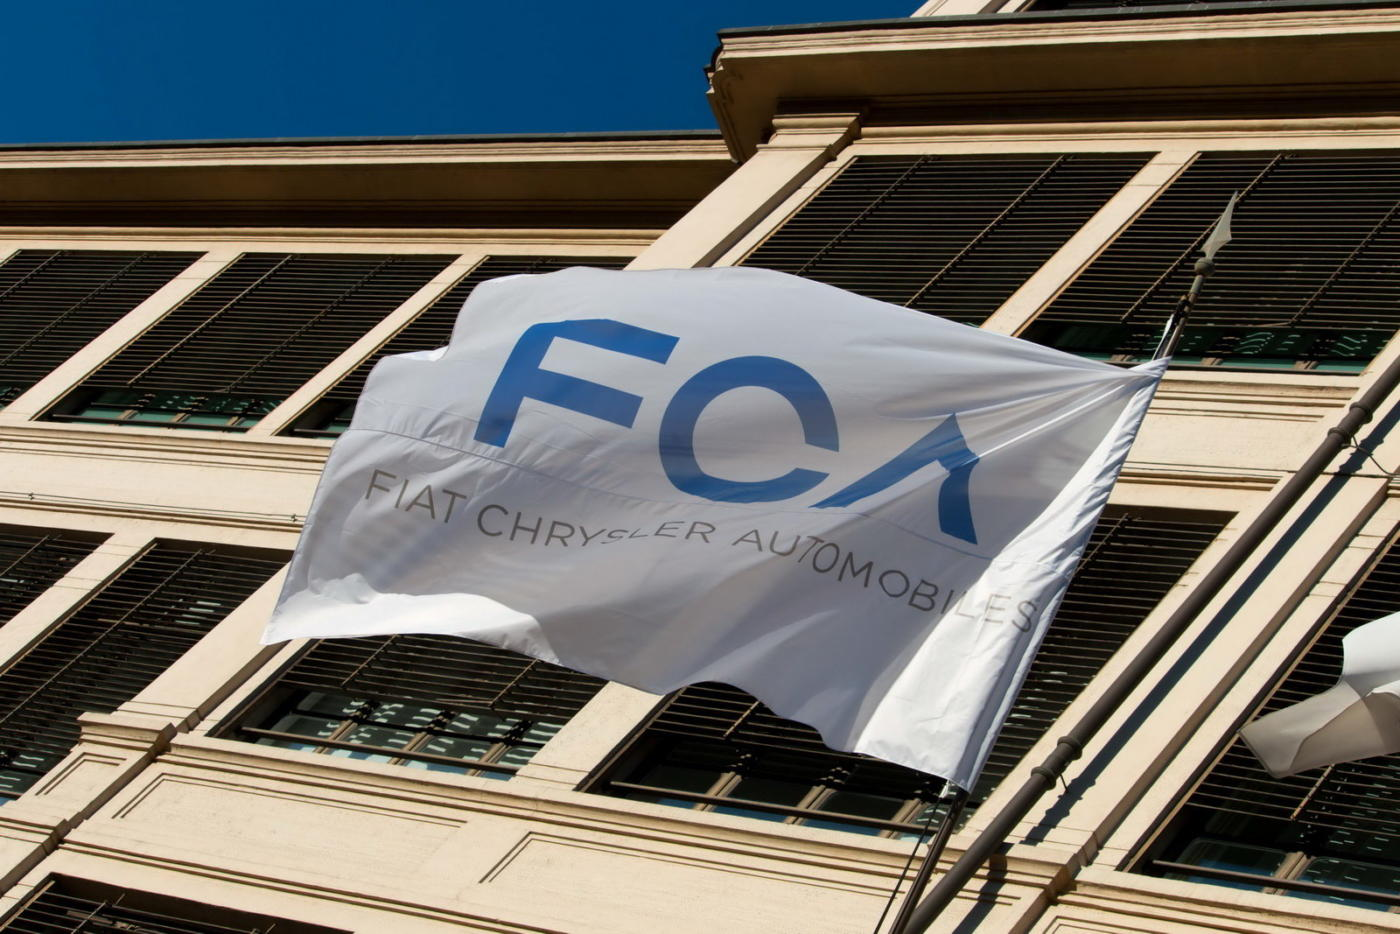 Против Фиат Chrysler подали иск через «дизельный скандал»